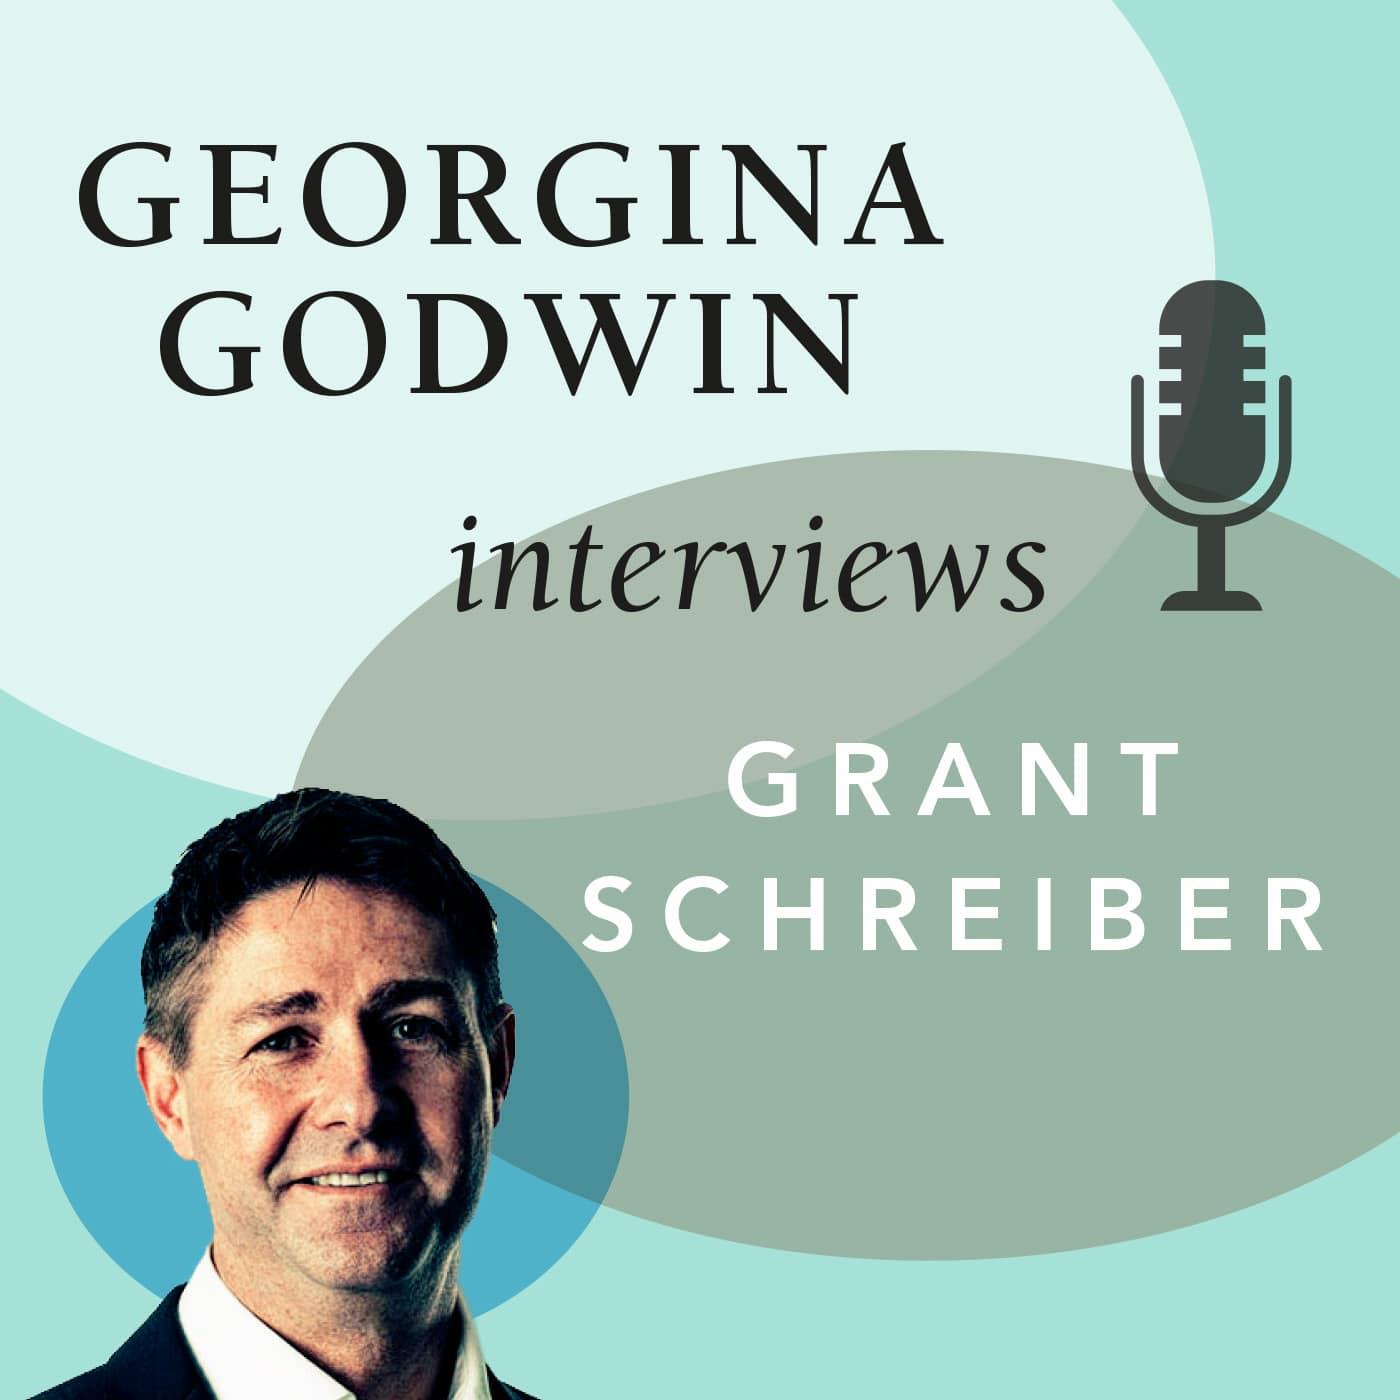 Georgina Godwin interviews Grant Schreiber